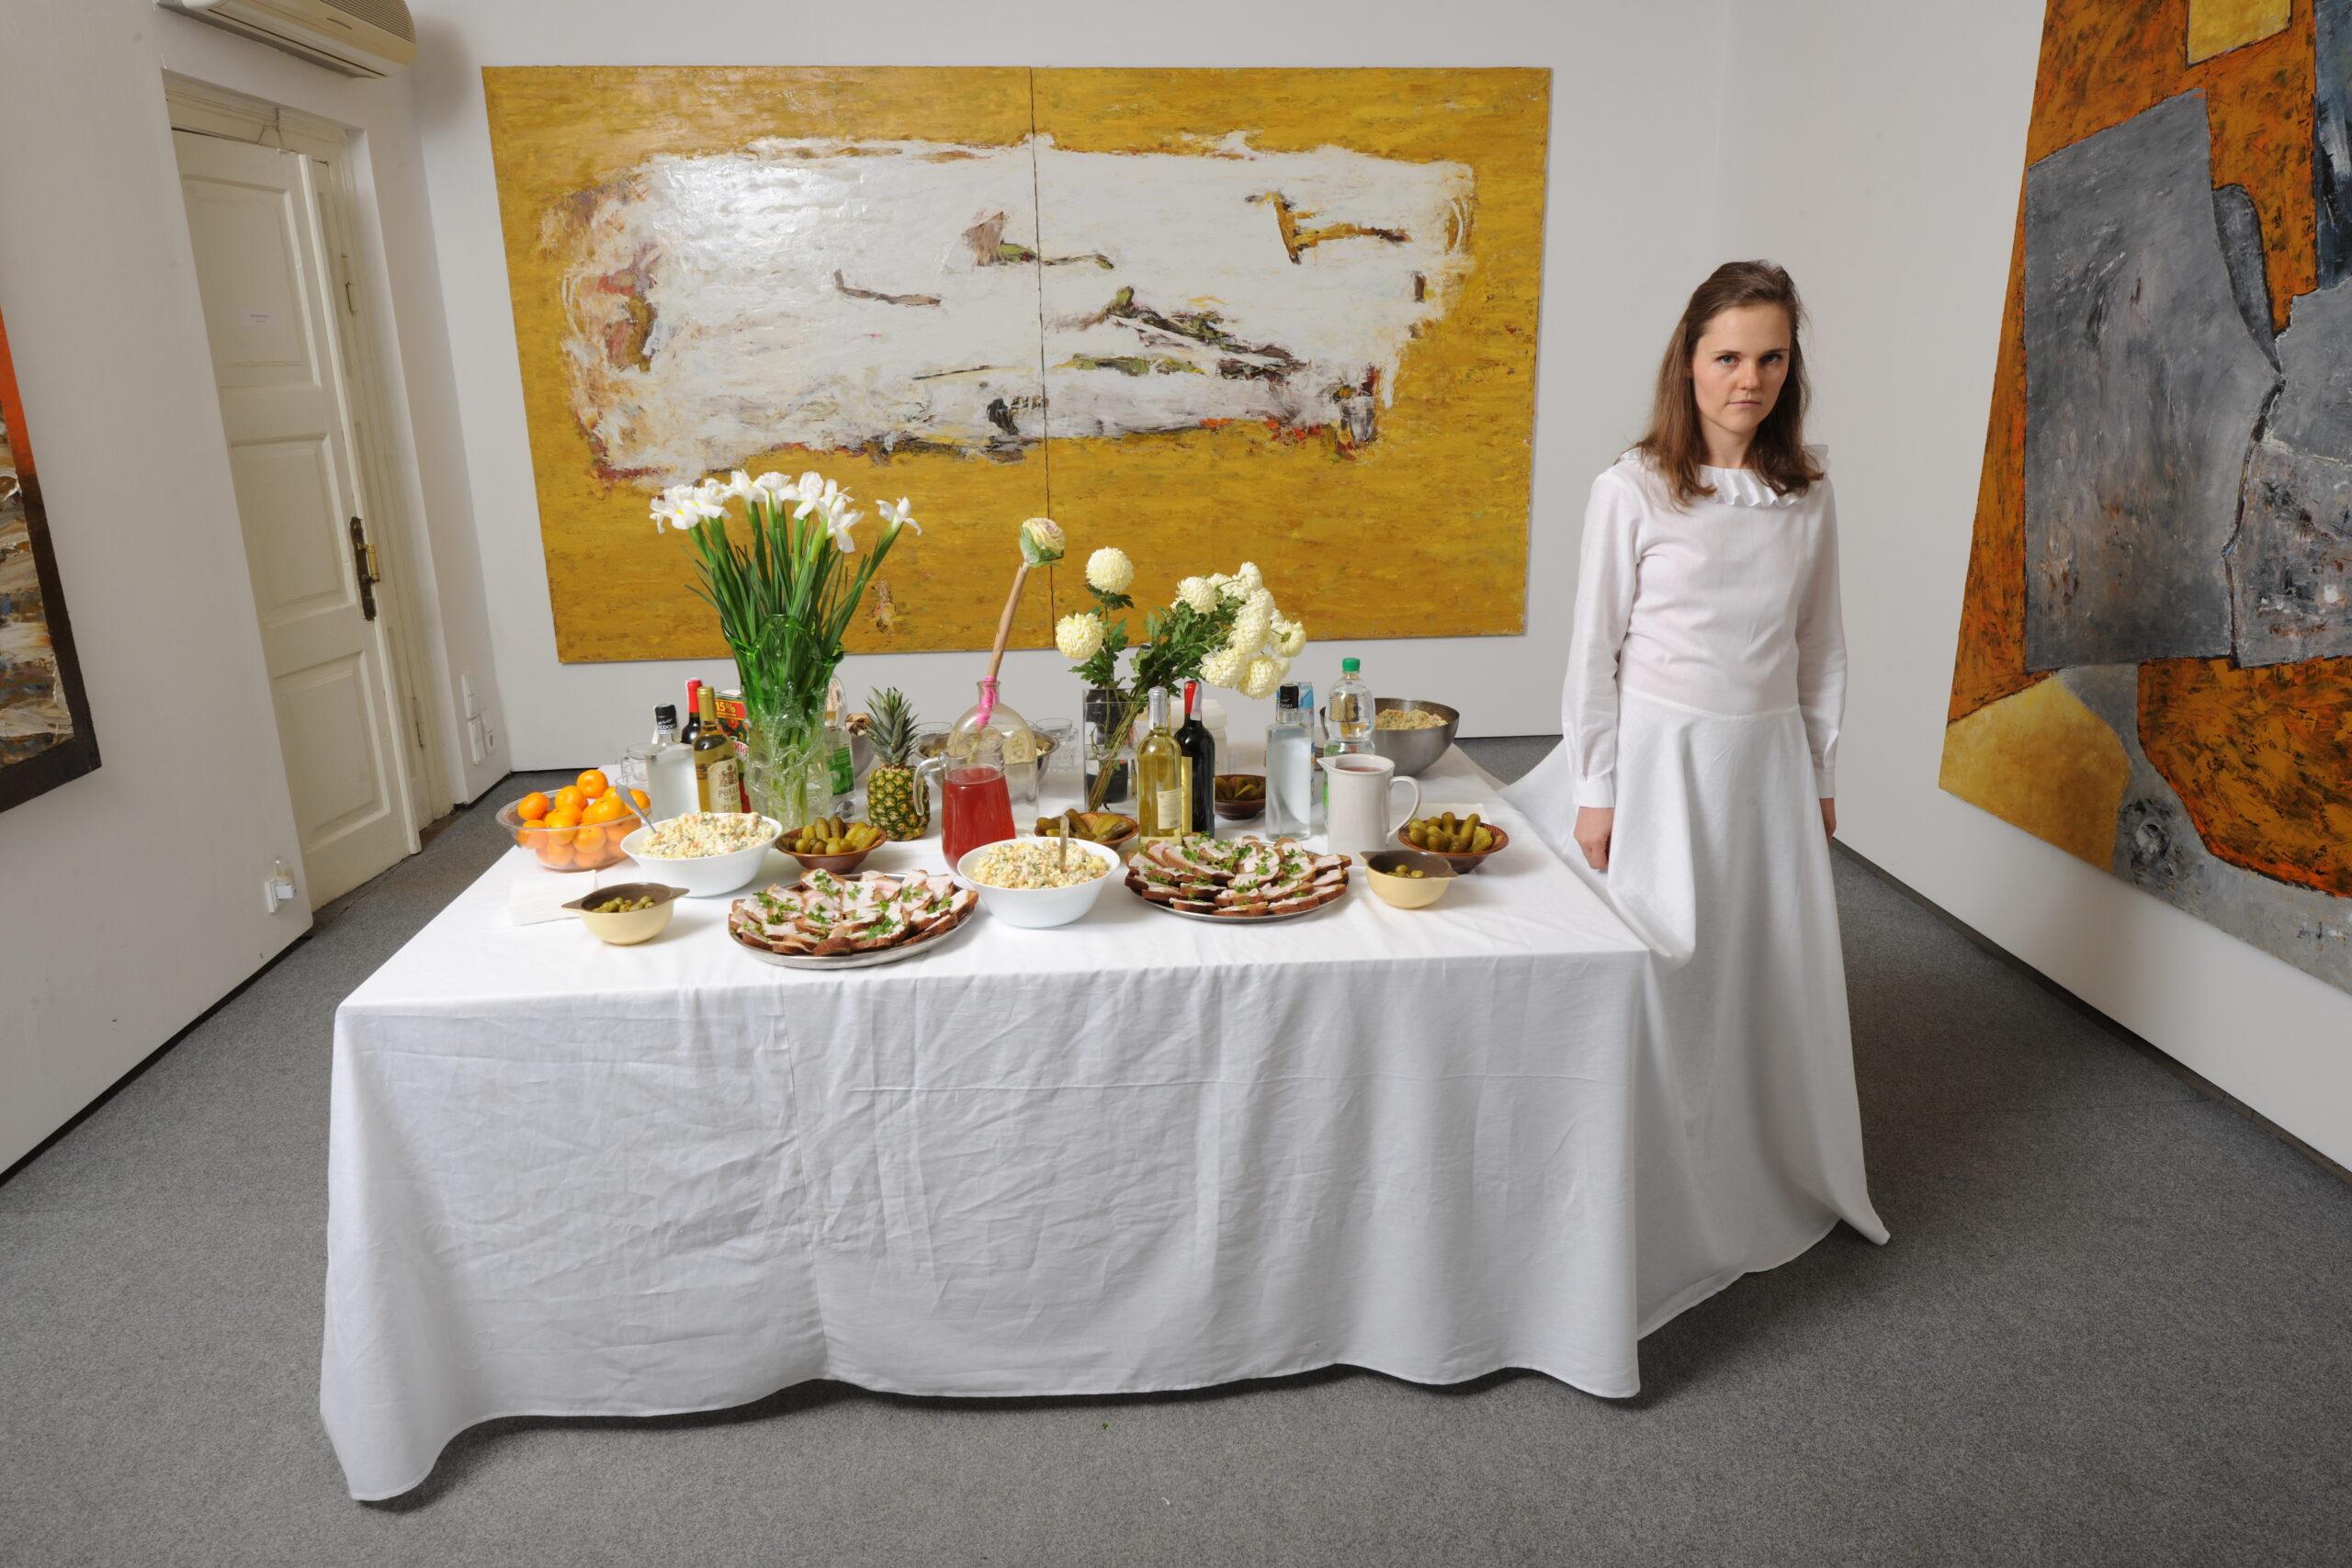 Документація перформансу Лесі Хоменко «Святковий стіл». Карась галерея, 2013. Фото із приватного архіву Лесі Хоменко, надано художницею